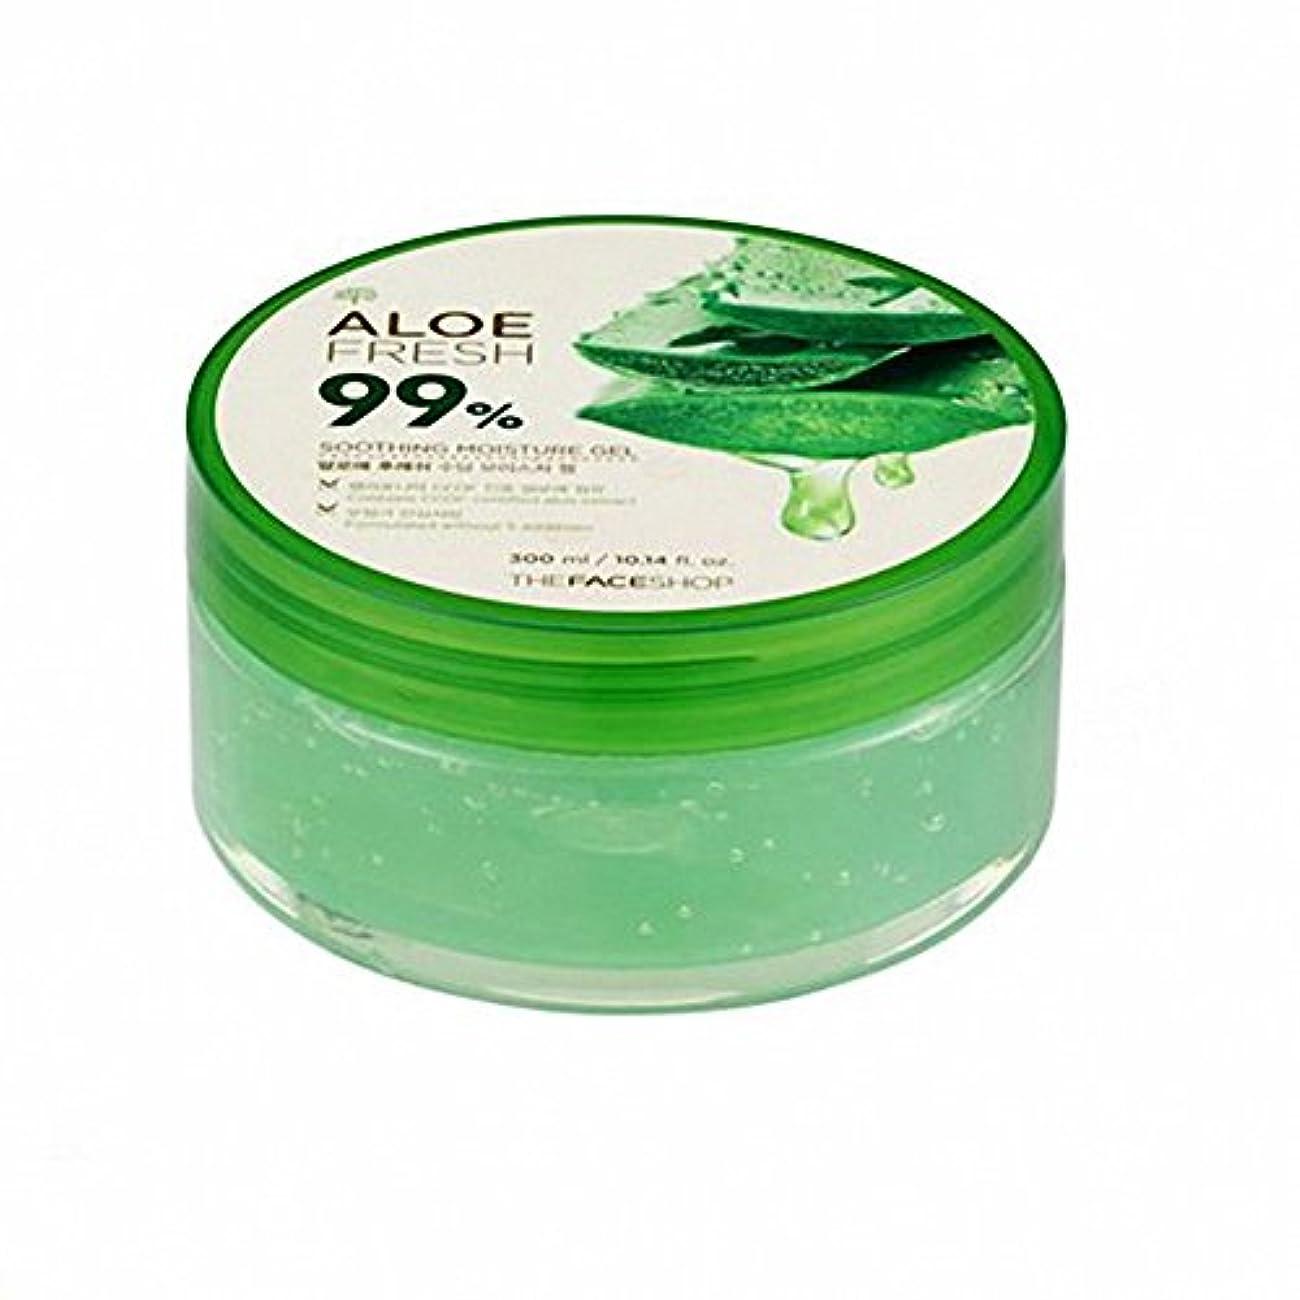 ザ·フェイスショップ The Face Shopアロエフレッシュスージングモイスチャージェル(300ml) The Face Shop Aloe Fresh Soothing Moisture Gel 300ml [海外直送品]